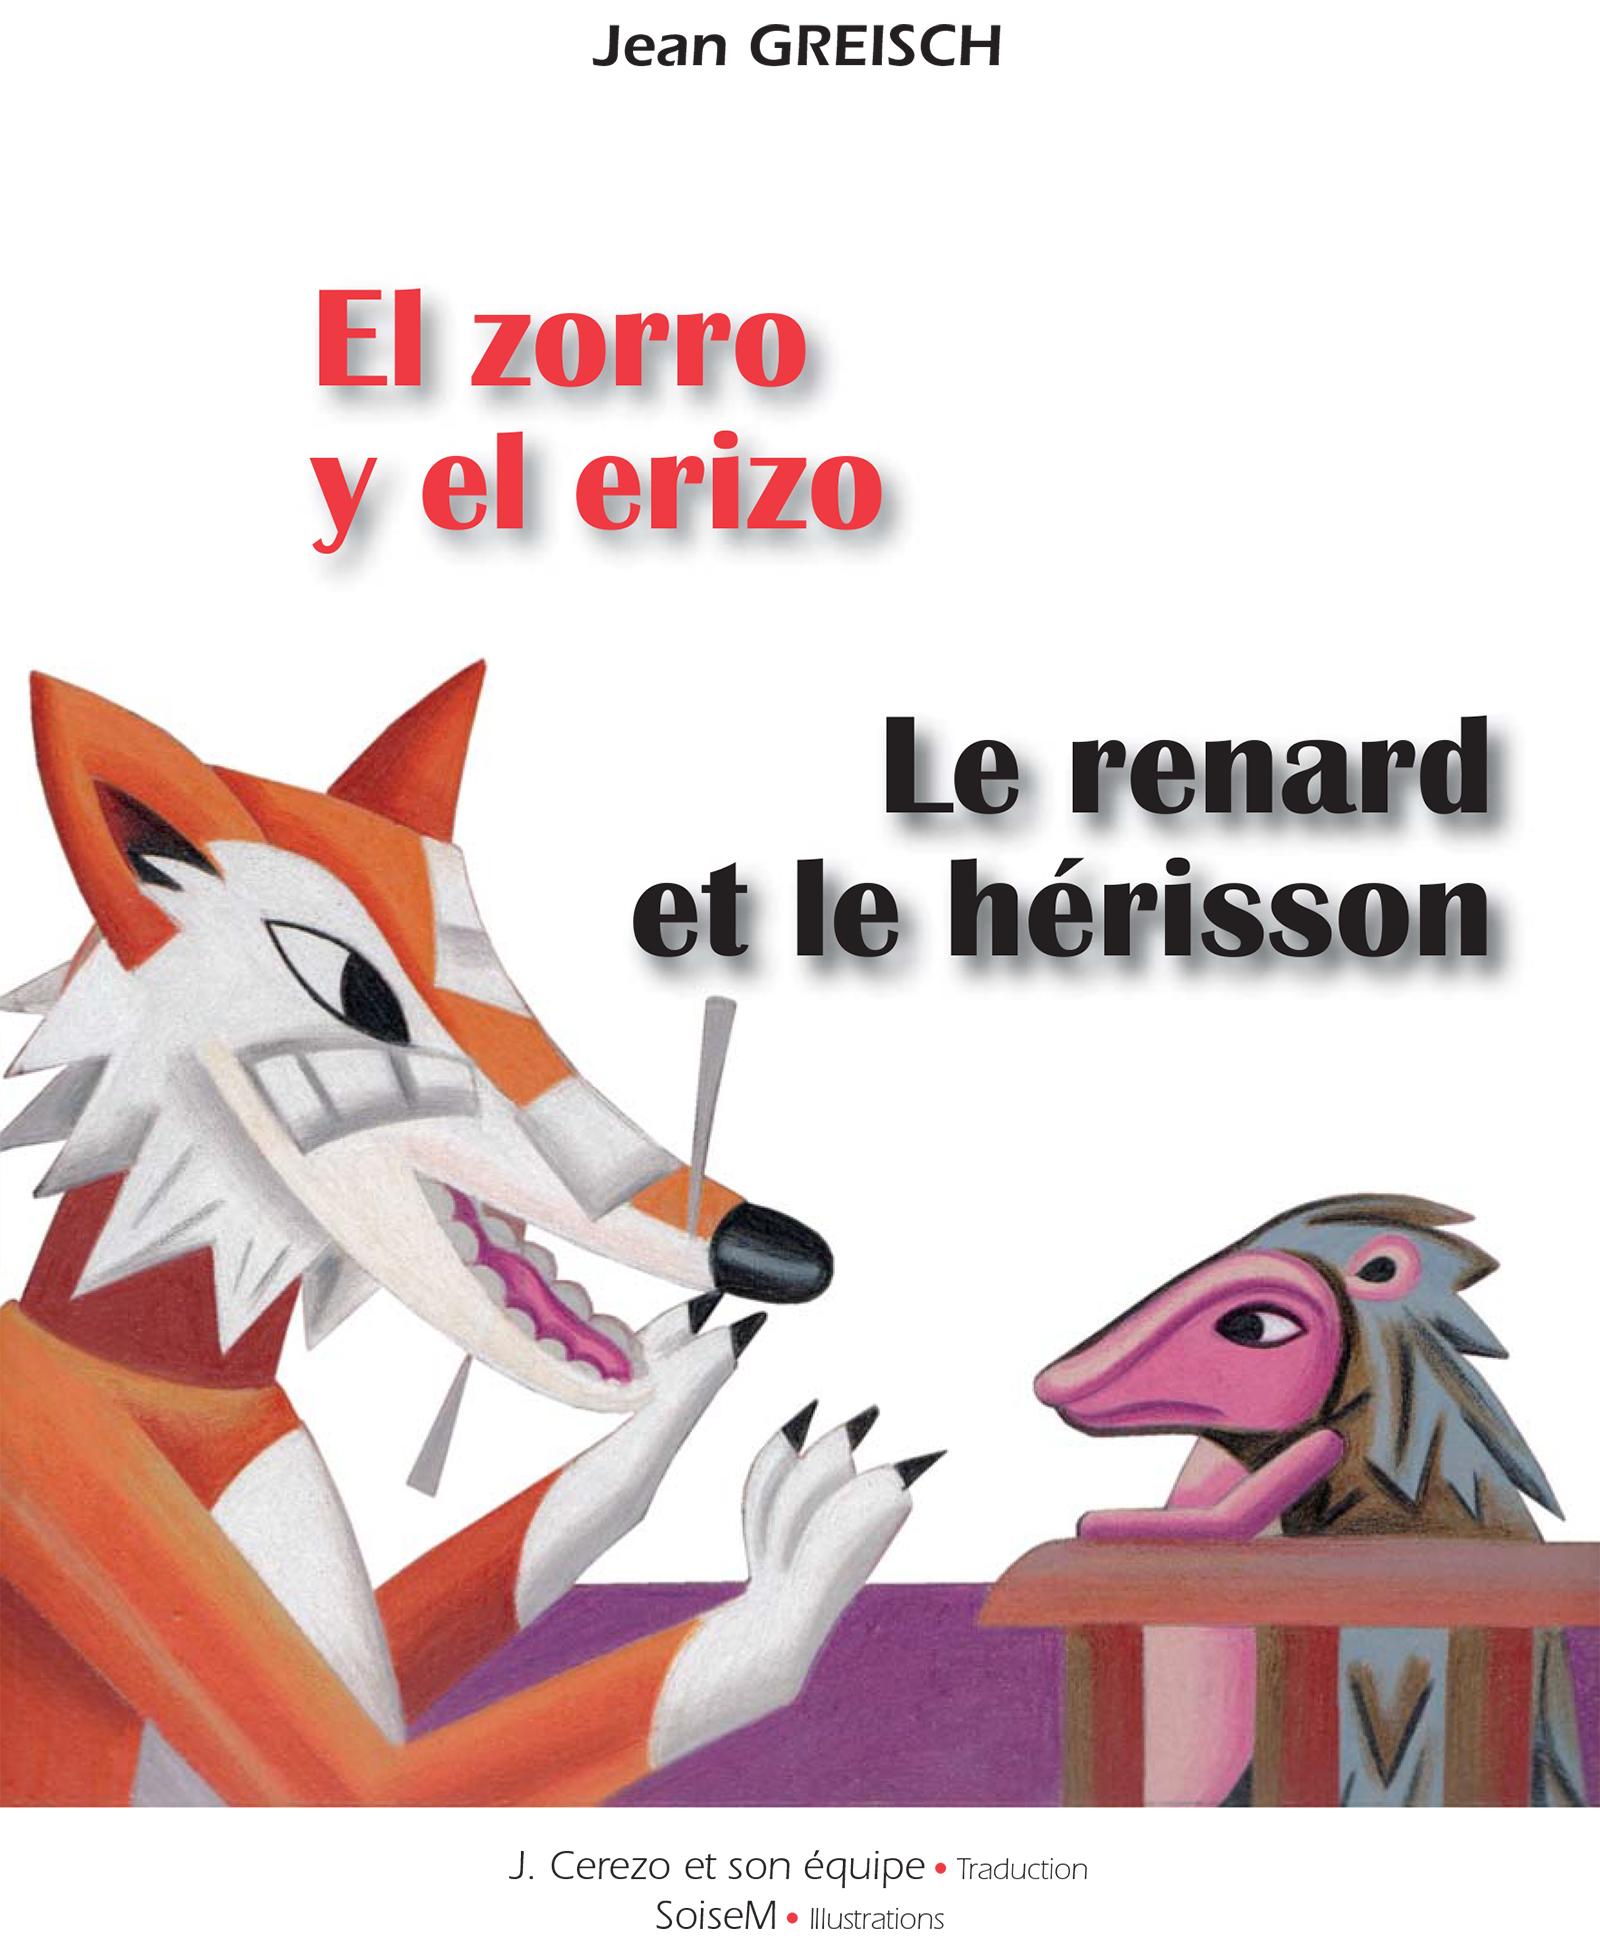 El zorro y el erizo / Le renard et le hérisson, Conte philosophique bilingue français - espagnol